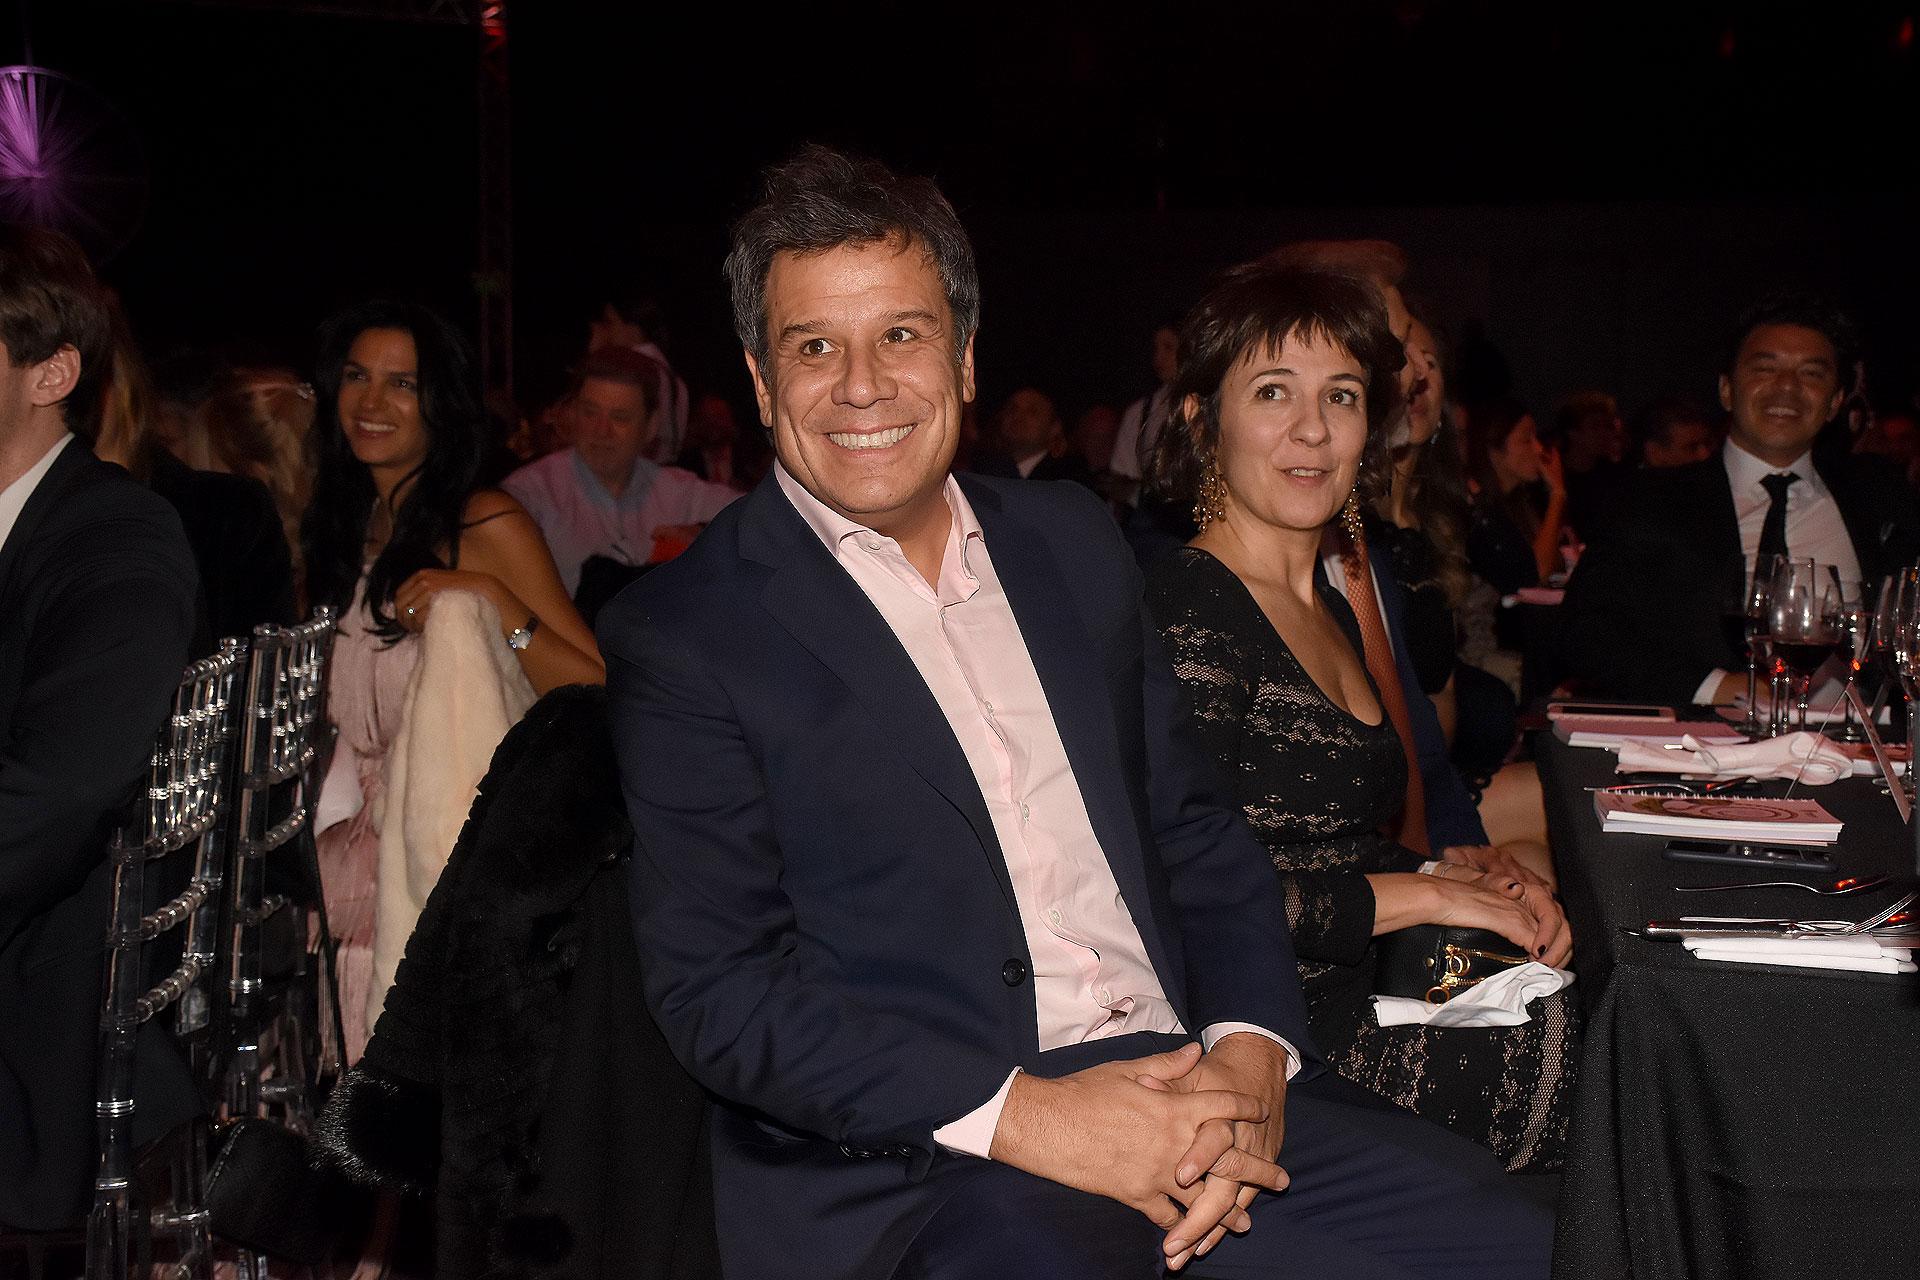 El neurocientífico Facundo Manes y su mujer Josefina